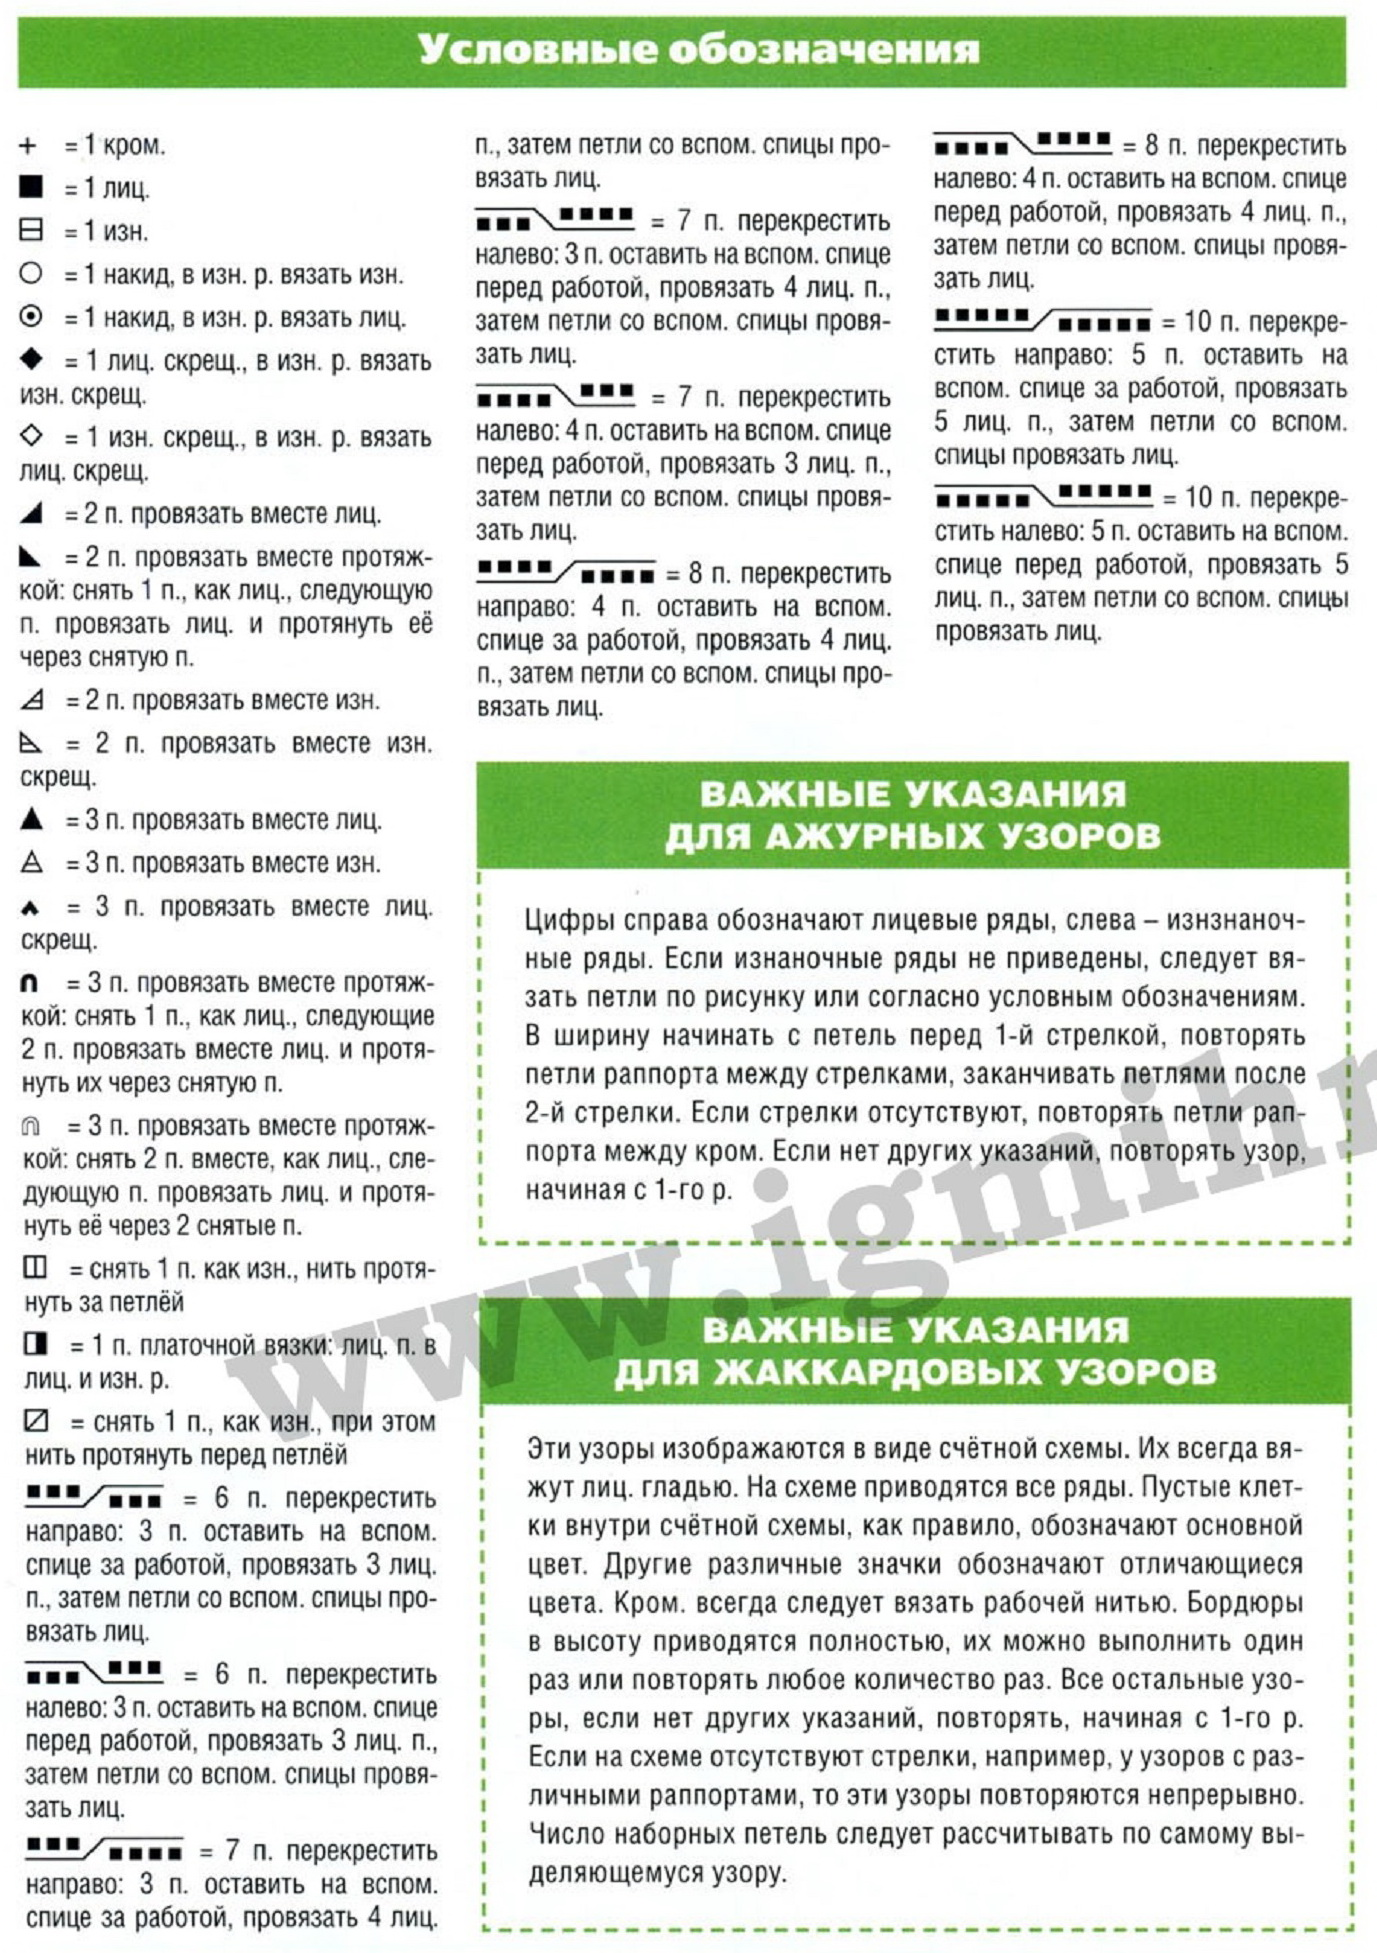 Russian to English Knitting Chart Translation